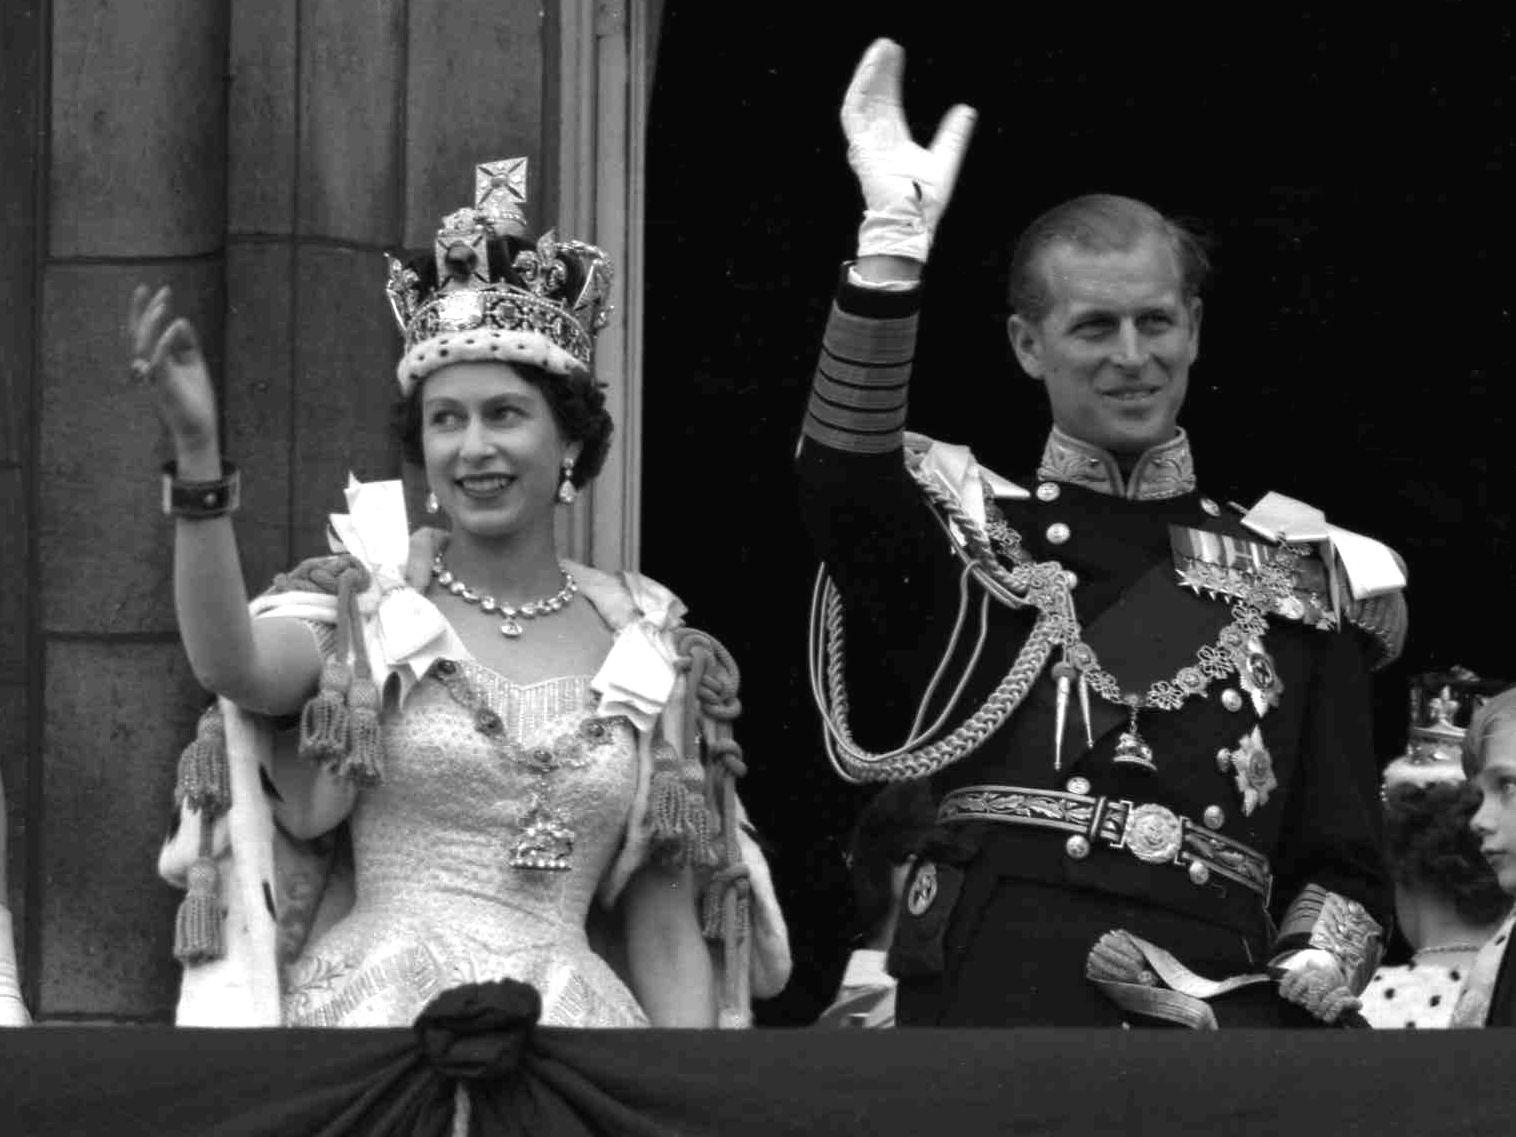 El duque de edimburgo y la reina isabel II en su